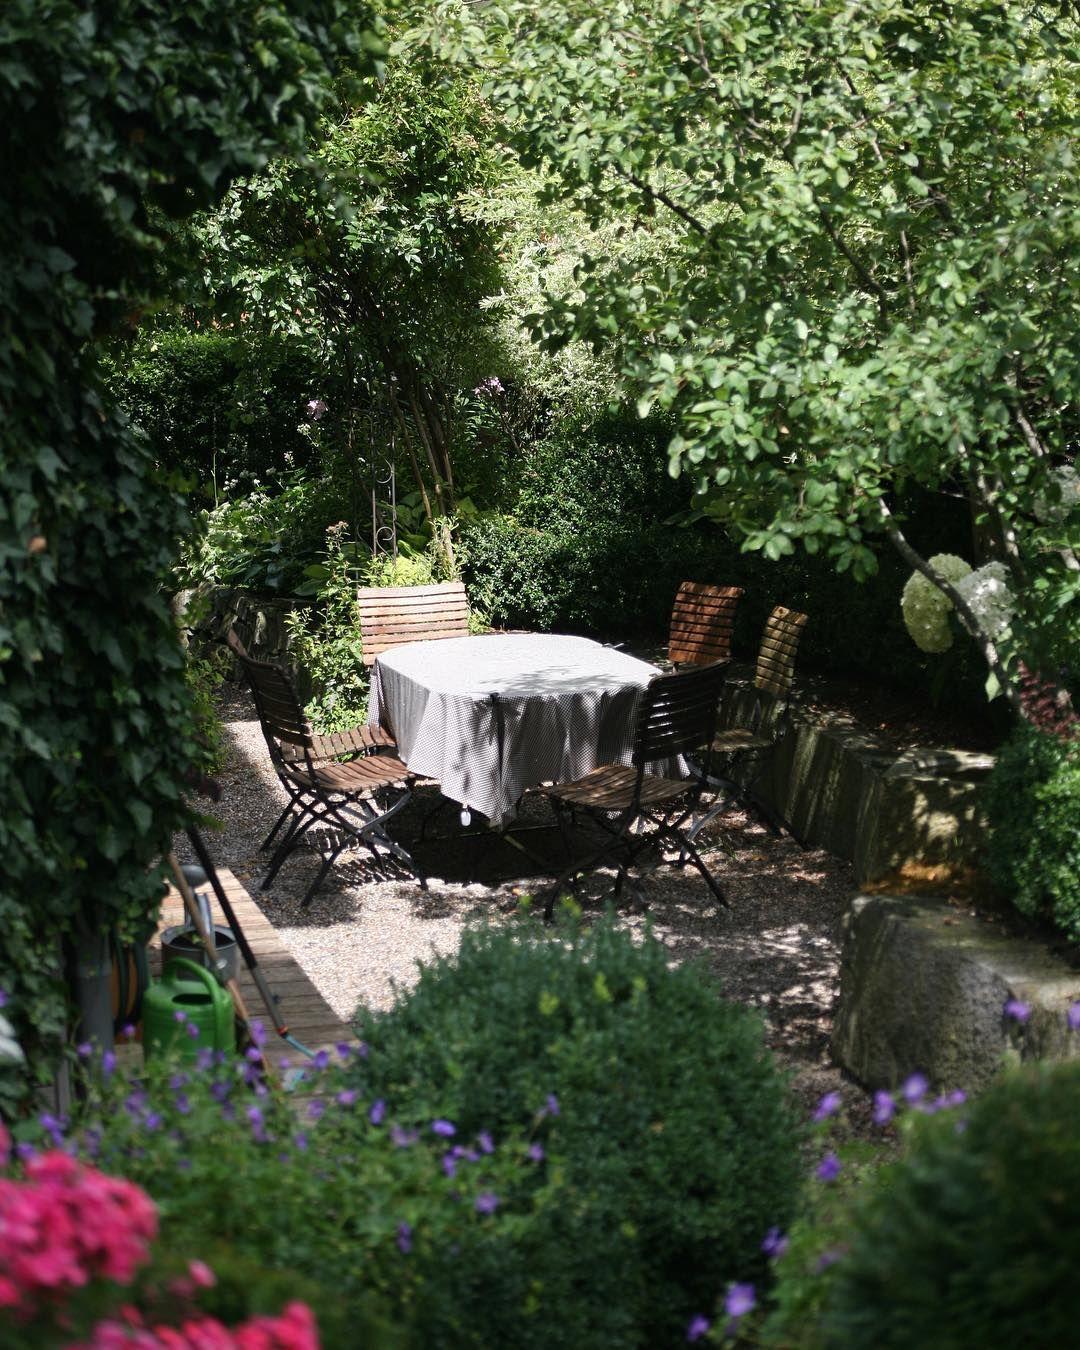 Inmitten Von Grun Oder Vom Grun Umzingelt Ubrigens Ist Die Grenze Zum Nachbarn Hier Ganz Nah Sitzplatz Garten Gartengestaltung Ein Schweizer Garten